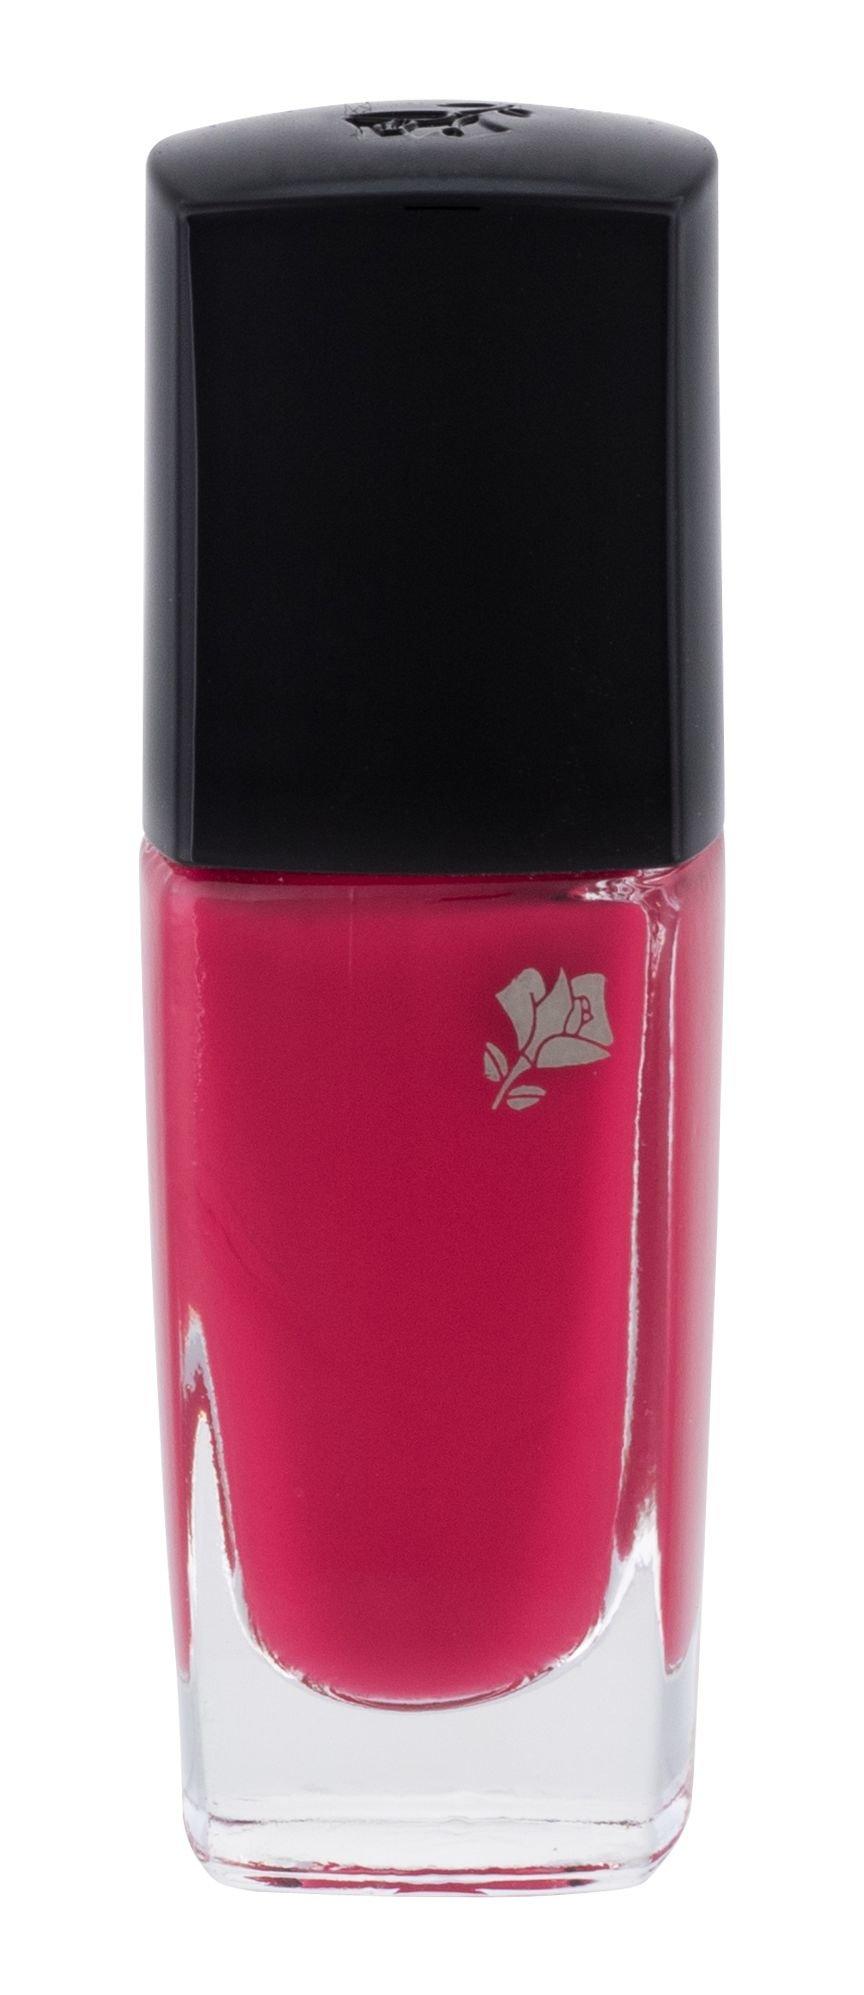 Lancôme Vernis In Love Cosmetic 6ml 368N Rose Lancome